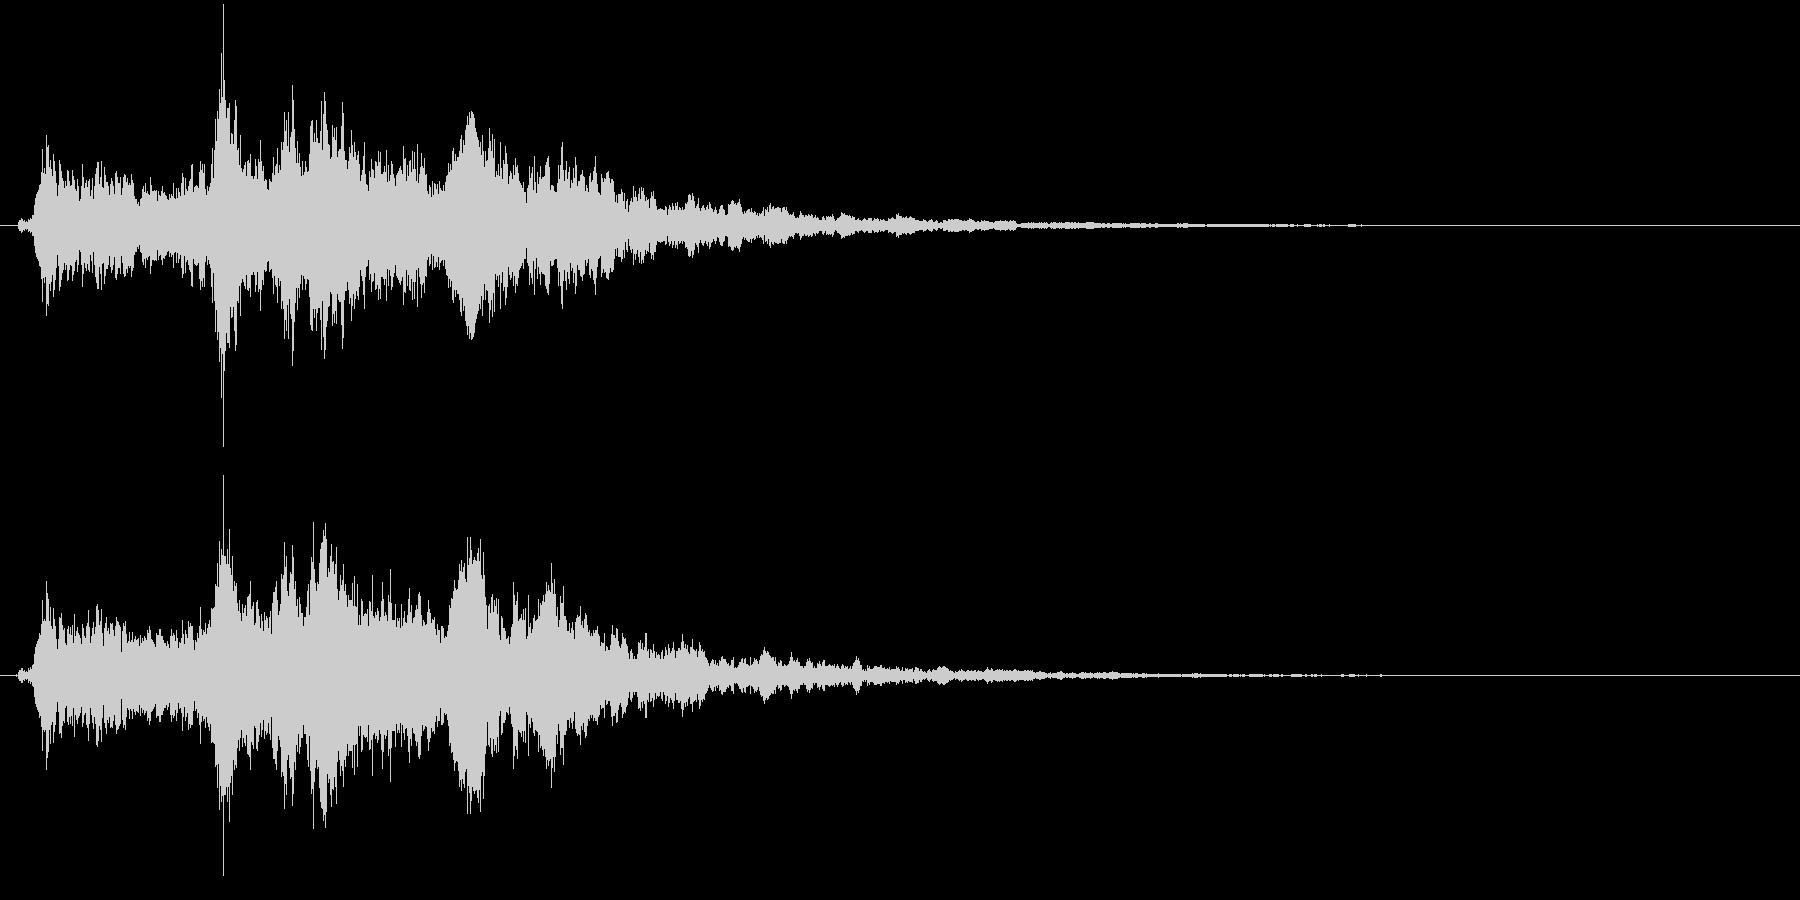 「シャンシャン」象徴的な鈴の音+リバーブの未再生の波形